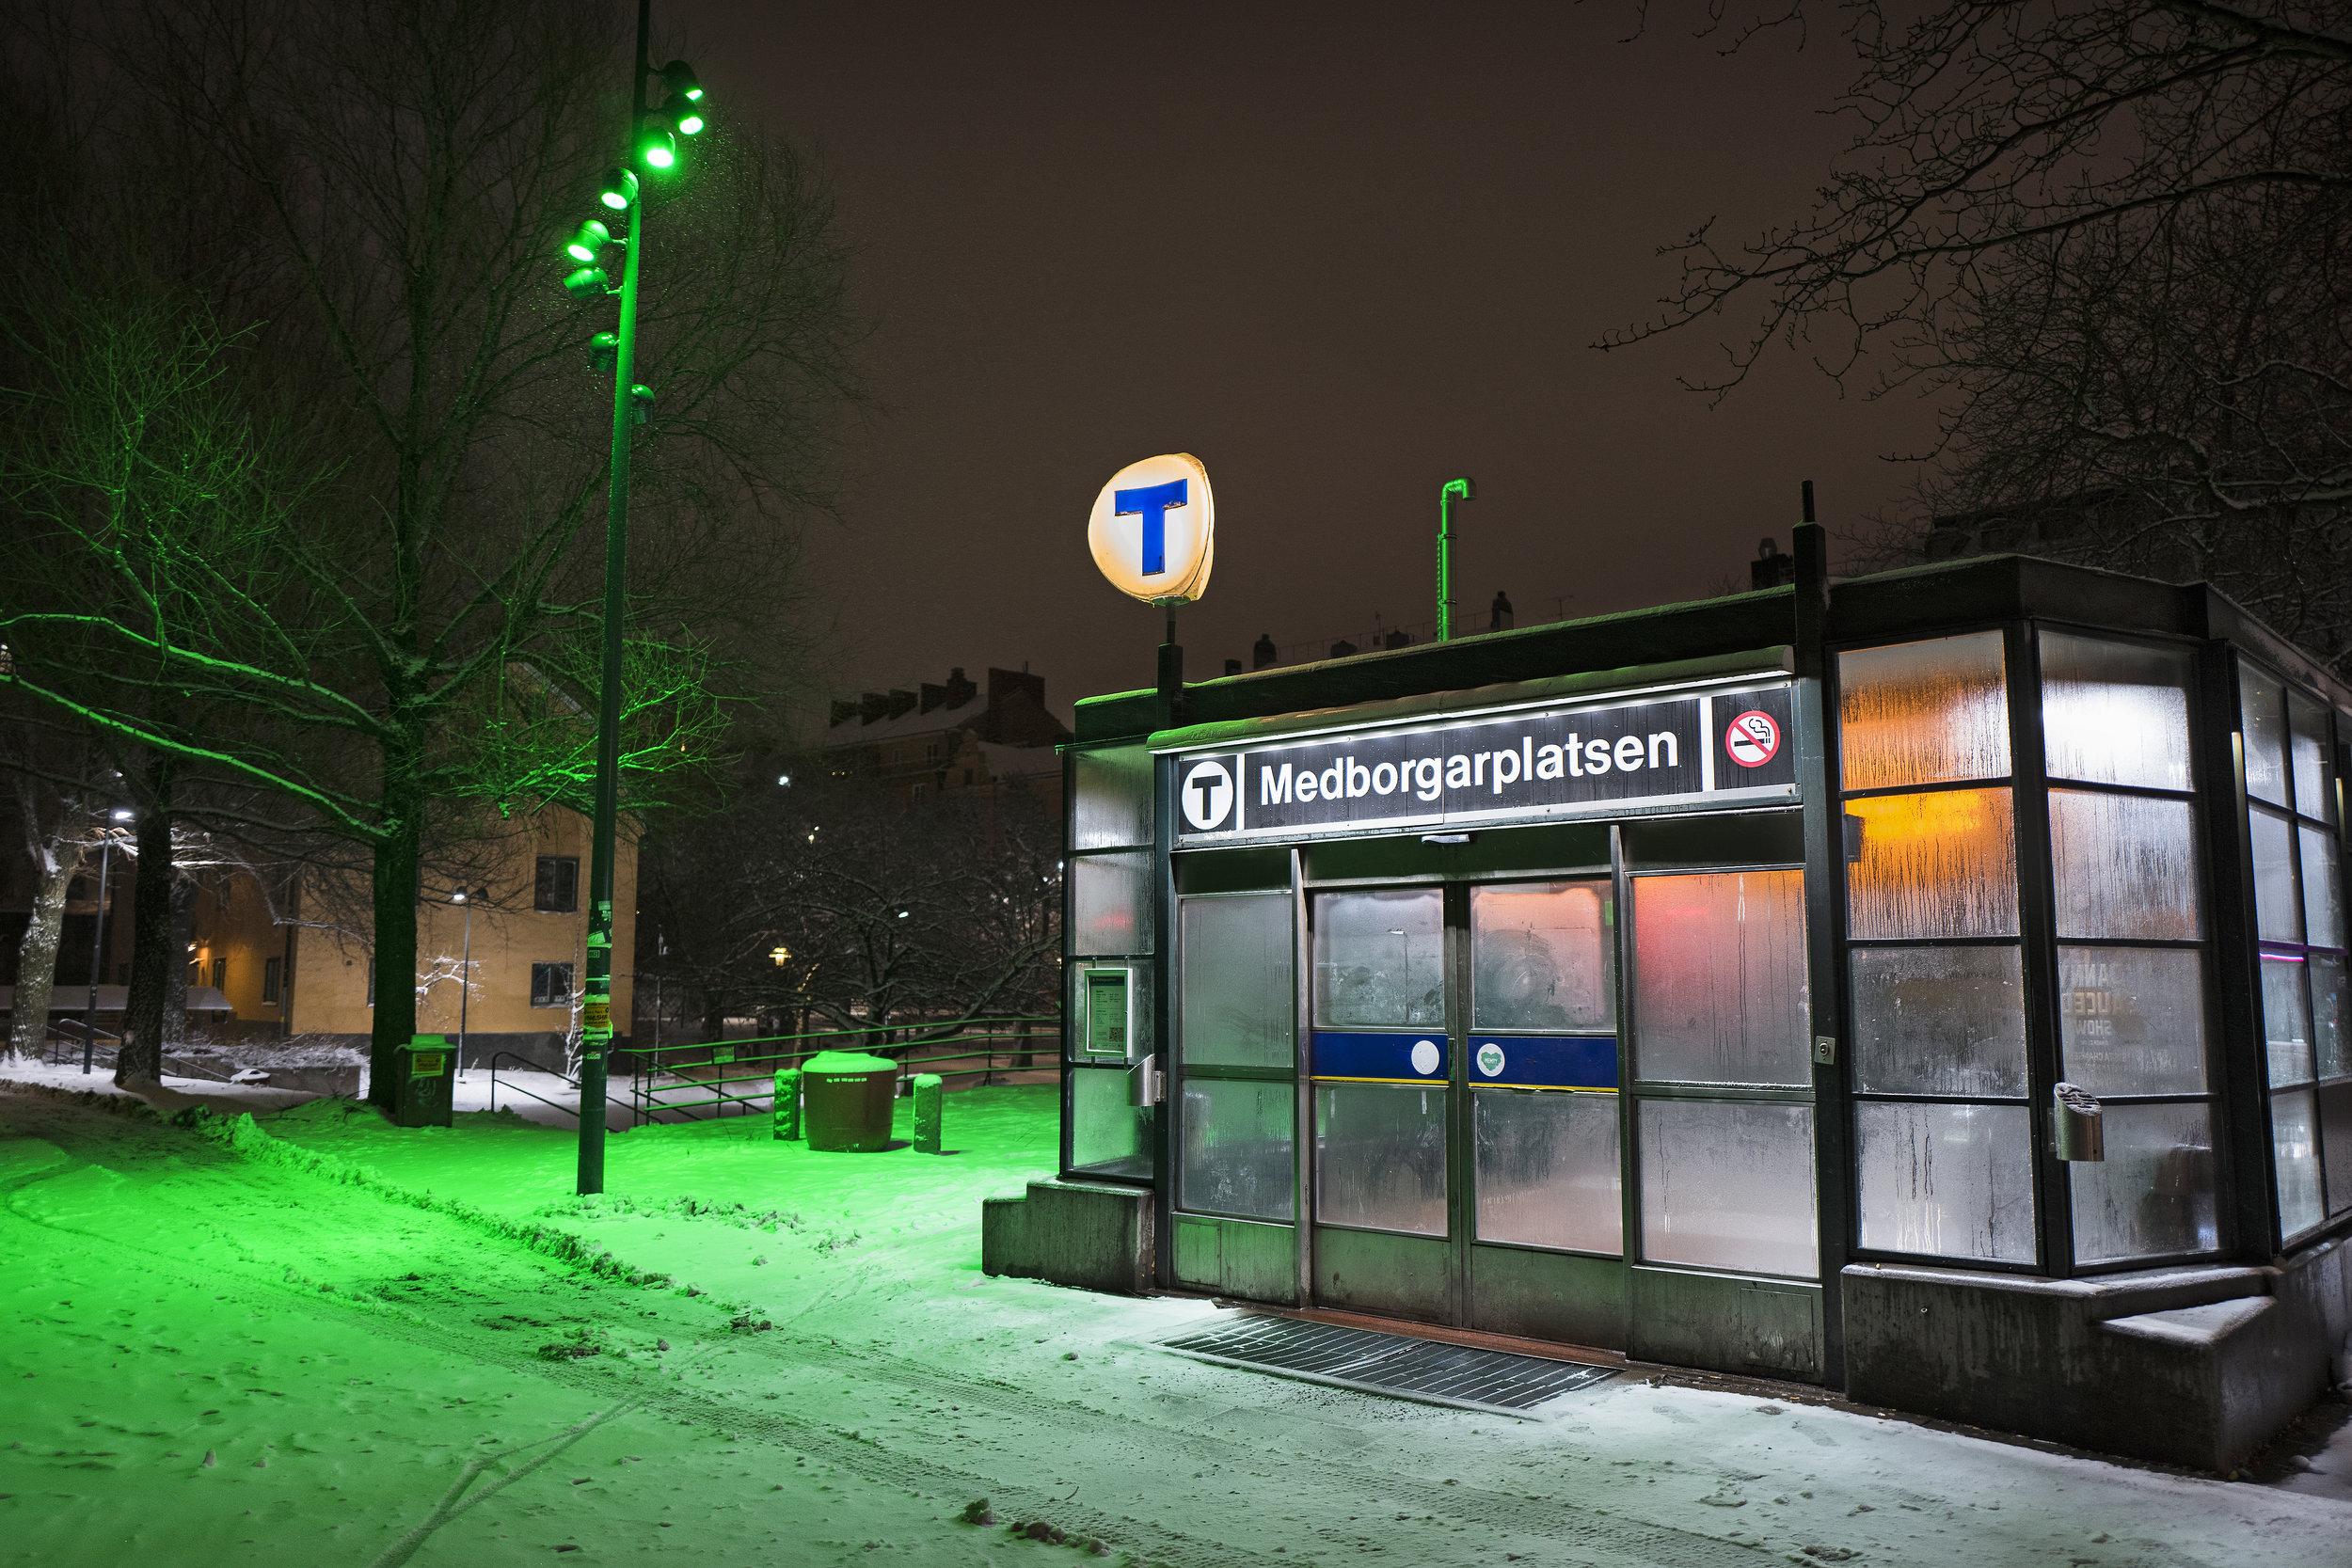 -14°C och med 15 minuters promenad från Medborgarplatsen för att komma in i hemmets värme, var det nära att Christoffer gav upp. Foto: Christoffer Hjalmarsson.